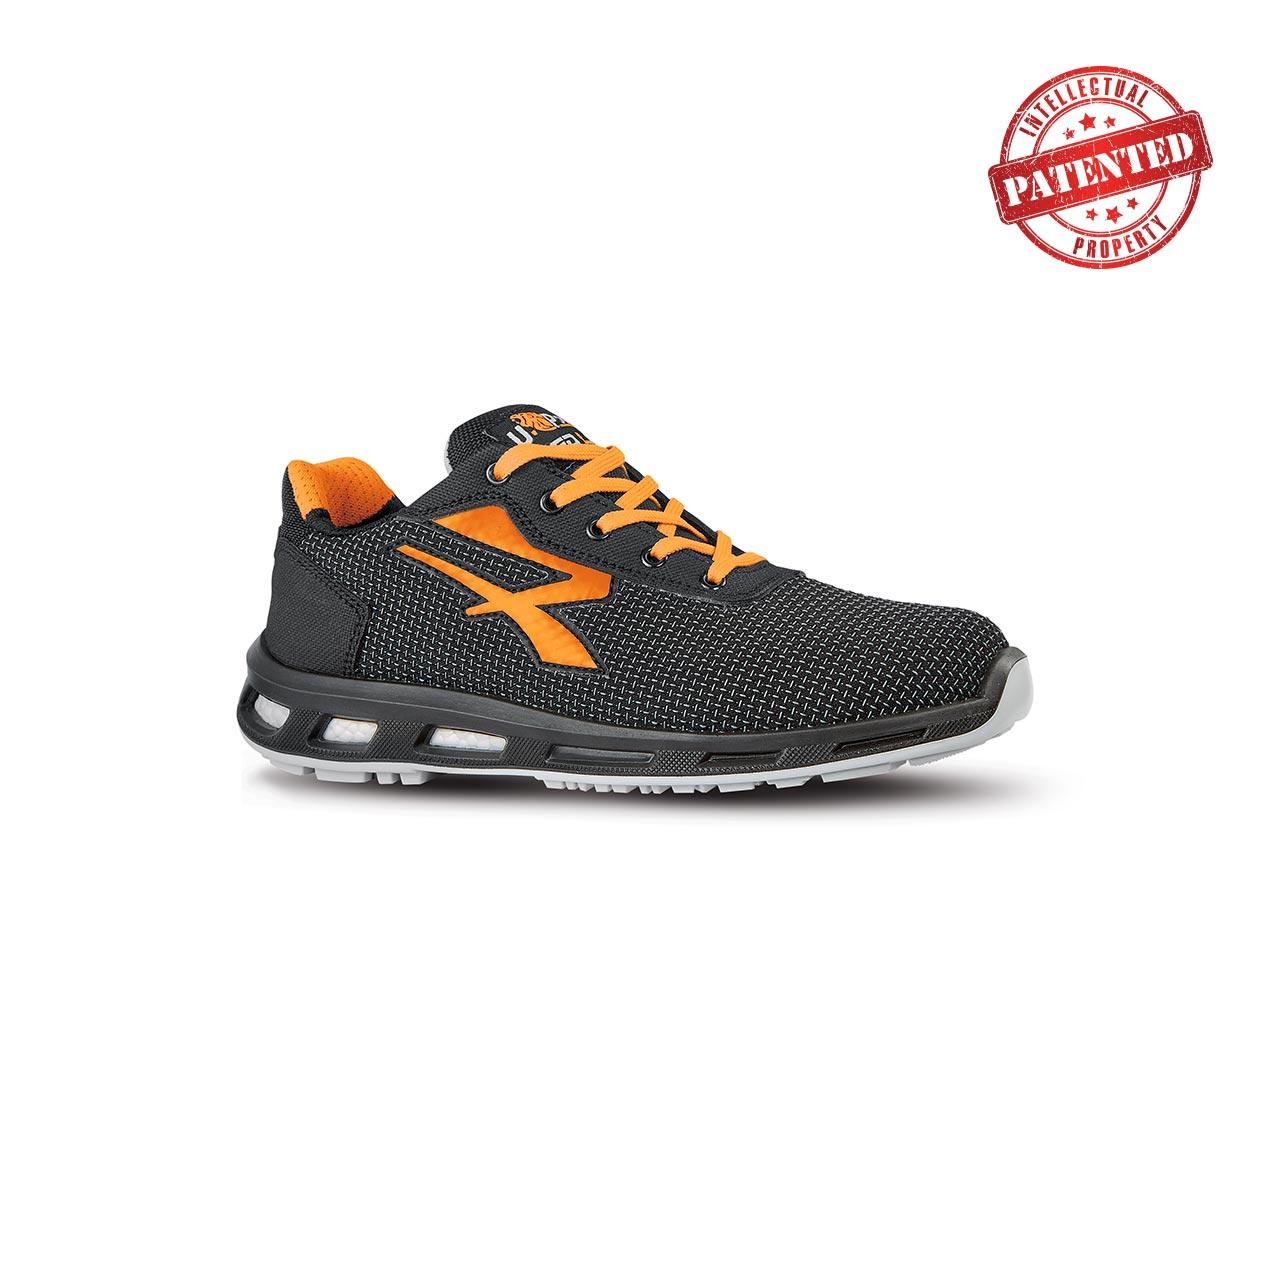 scarpa antinfortunistica upower modello kindle linea redlion vista laterale